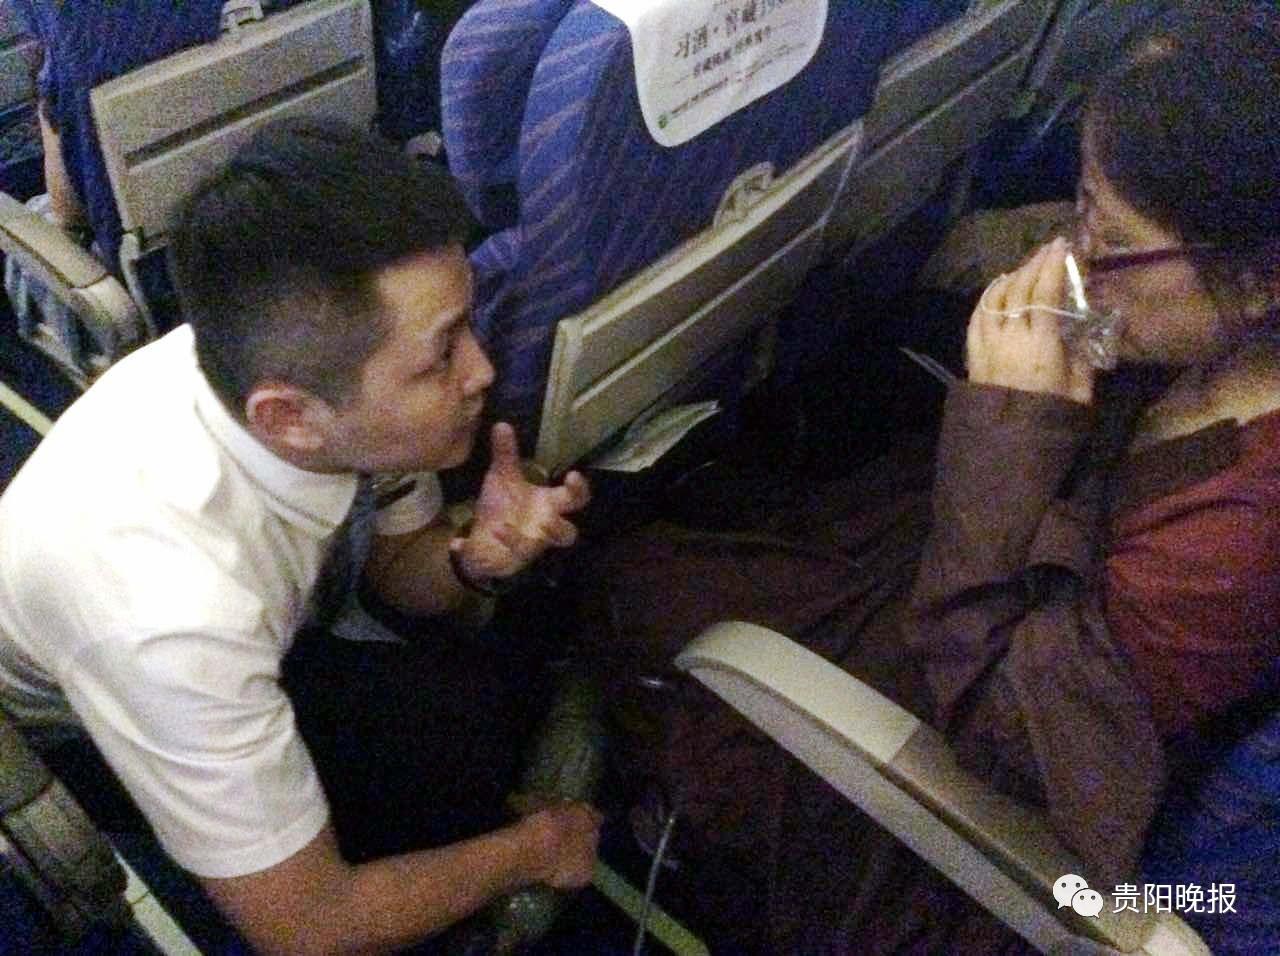 当日18时10分,哈尔滨杭州贵阳的南航贵州公司CZ6170航班自哈尔滨起飞后进入平稳飞行。但不久,54排H座位上的旅客倪女士剧烈呕吐。乘务长邹金池立即前去询问情况,倪女士称,她从早上就感到胃疼了,上机后也未吃东西。目前已吐了两次,期间还几近昏迷,同时还伴有大小便失禁等症状。